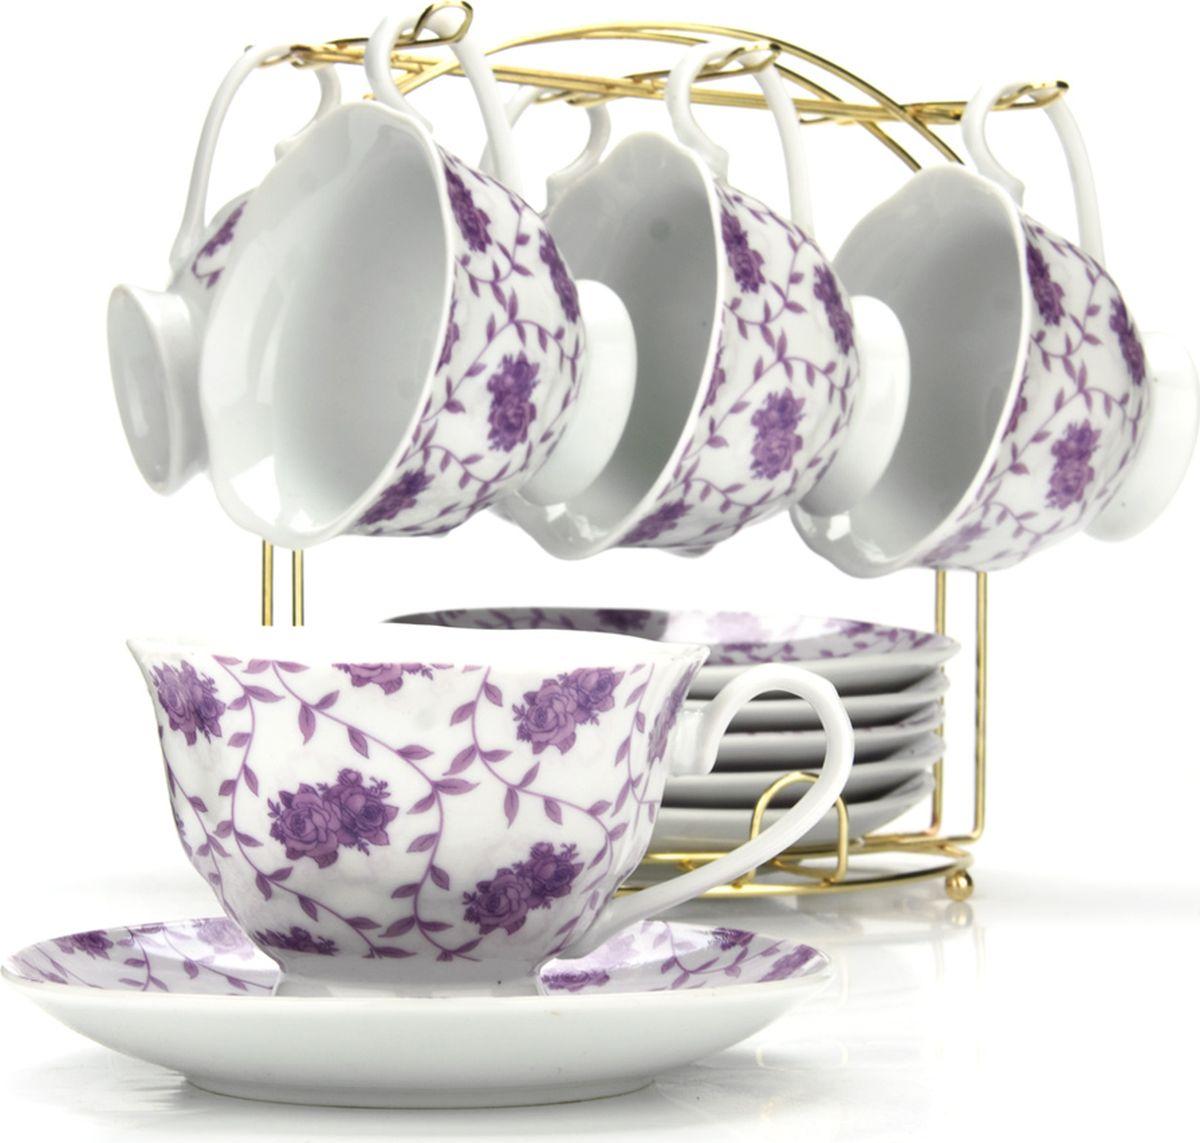 Сервиз чайный Loraine, на подставке, 13 предметов. 43293 сервиз чайный loraine на подставке 13 предметов 43295